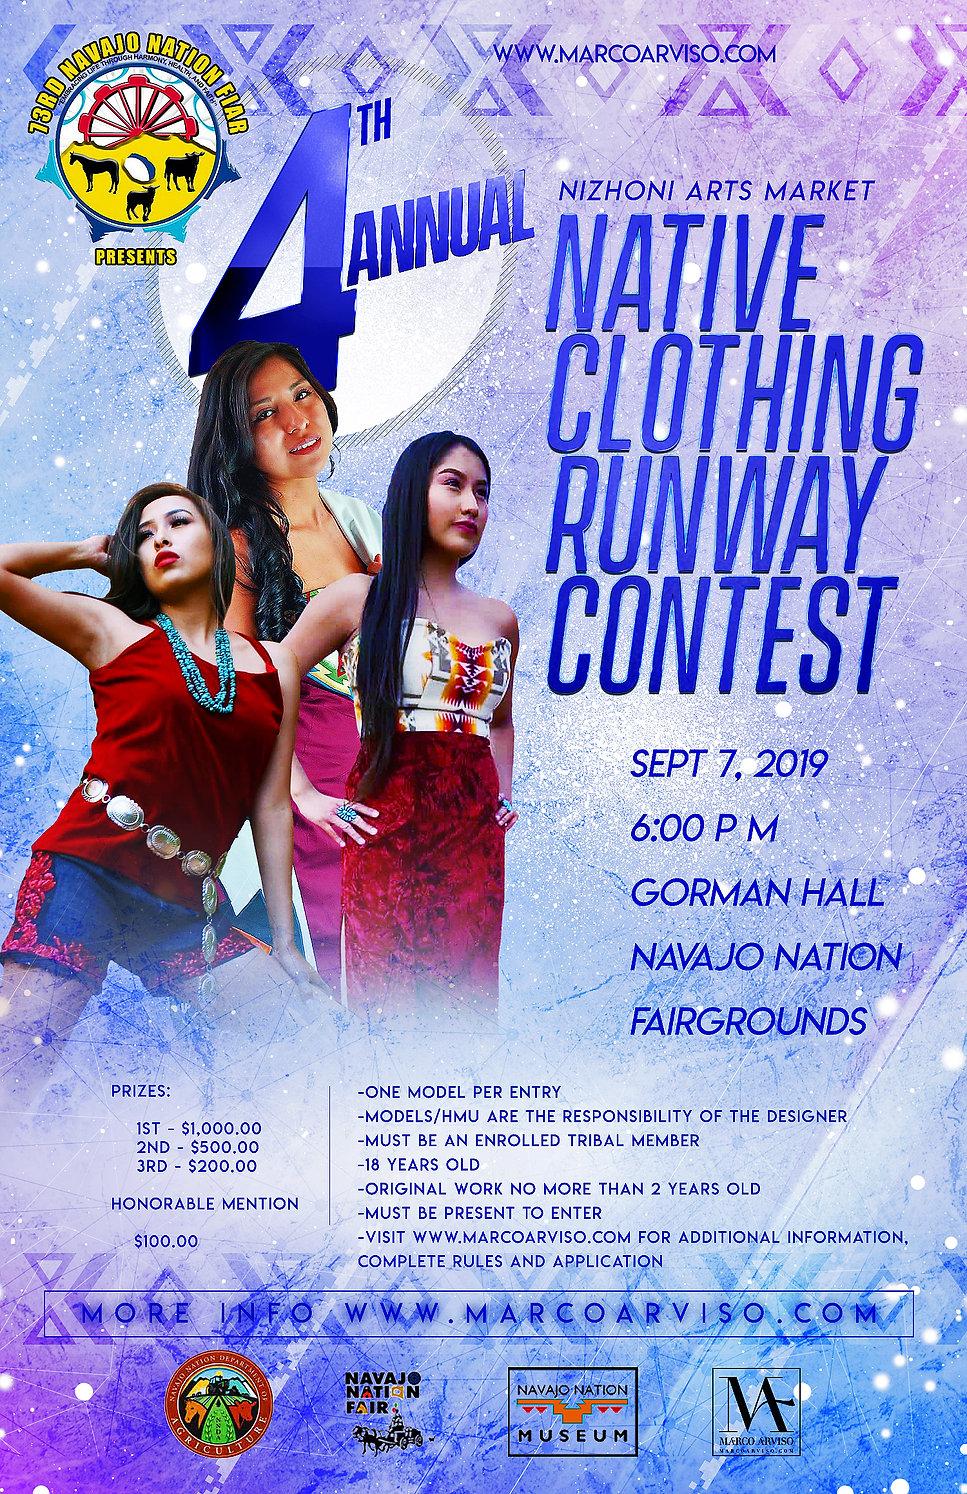 ma - 201909 - runway Contest01a.jpg